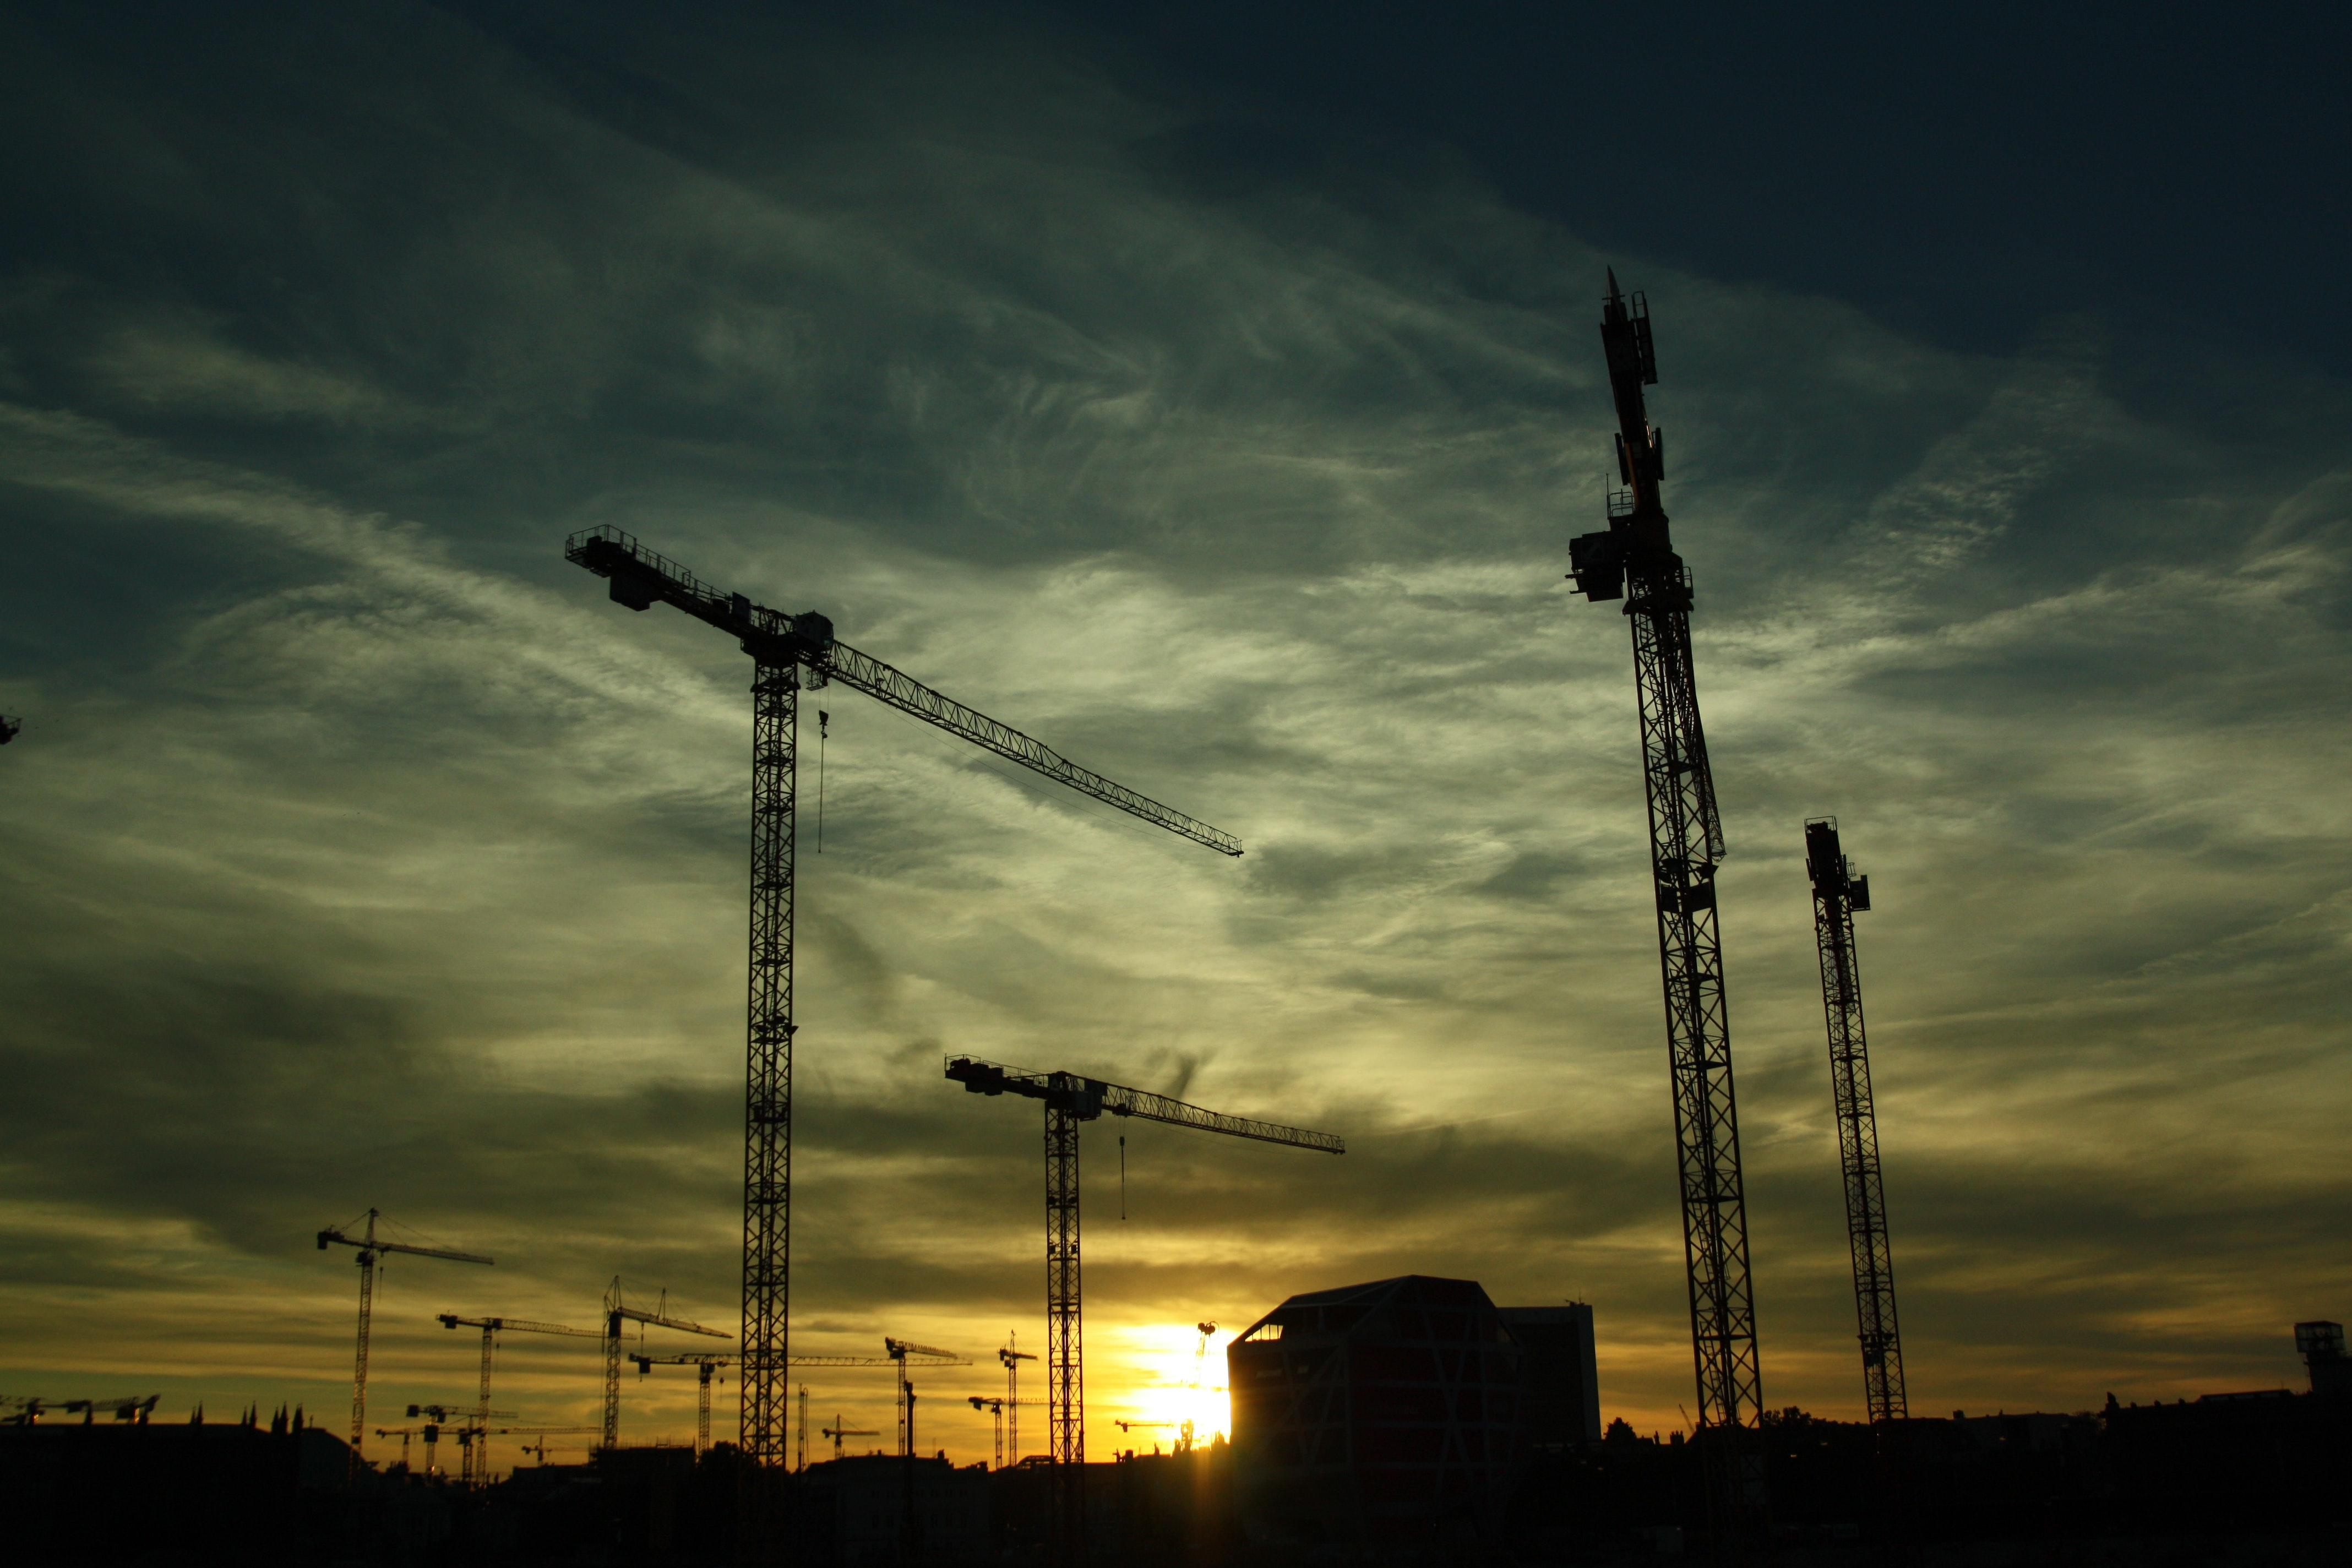 Column: 'De stikstofcrisis: brengt de 'Regeling spoedaanpak stikstof bouw en infrastructuur' de oplossing?' - Erik Averdijk